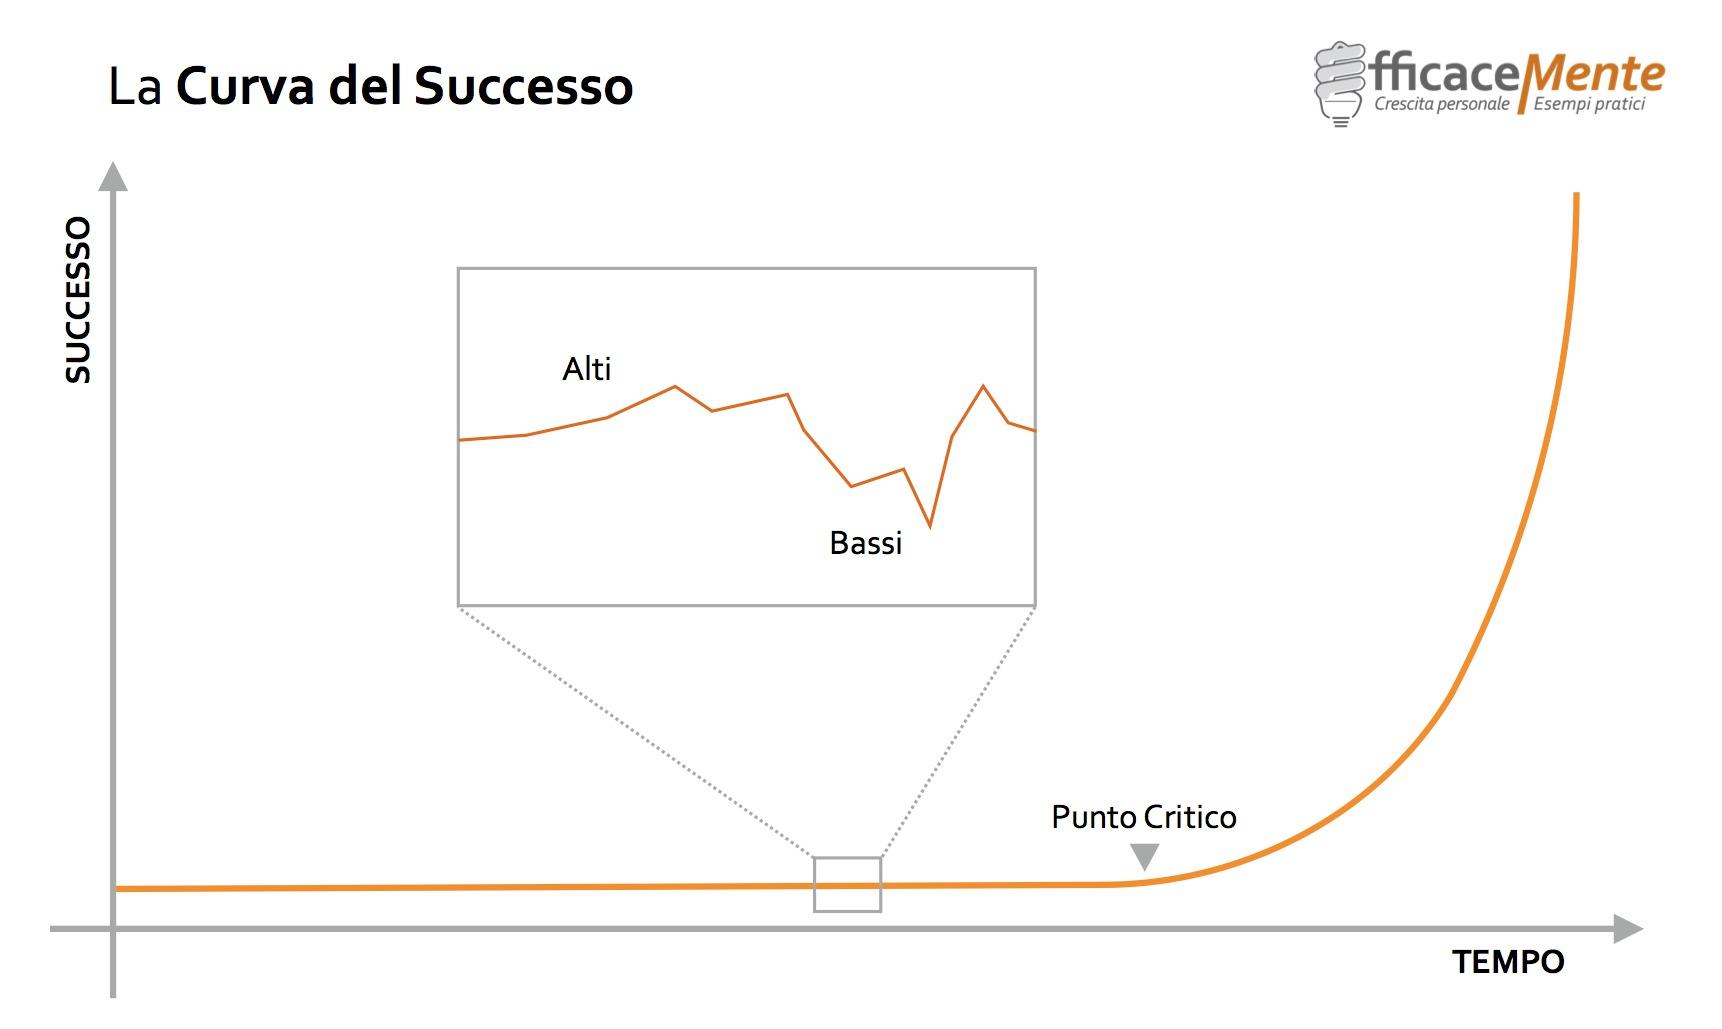 La Curva del Successo